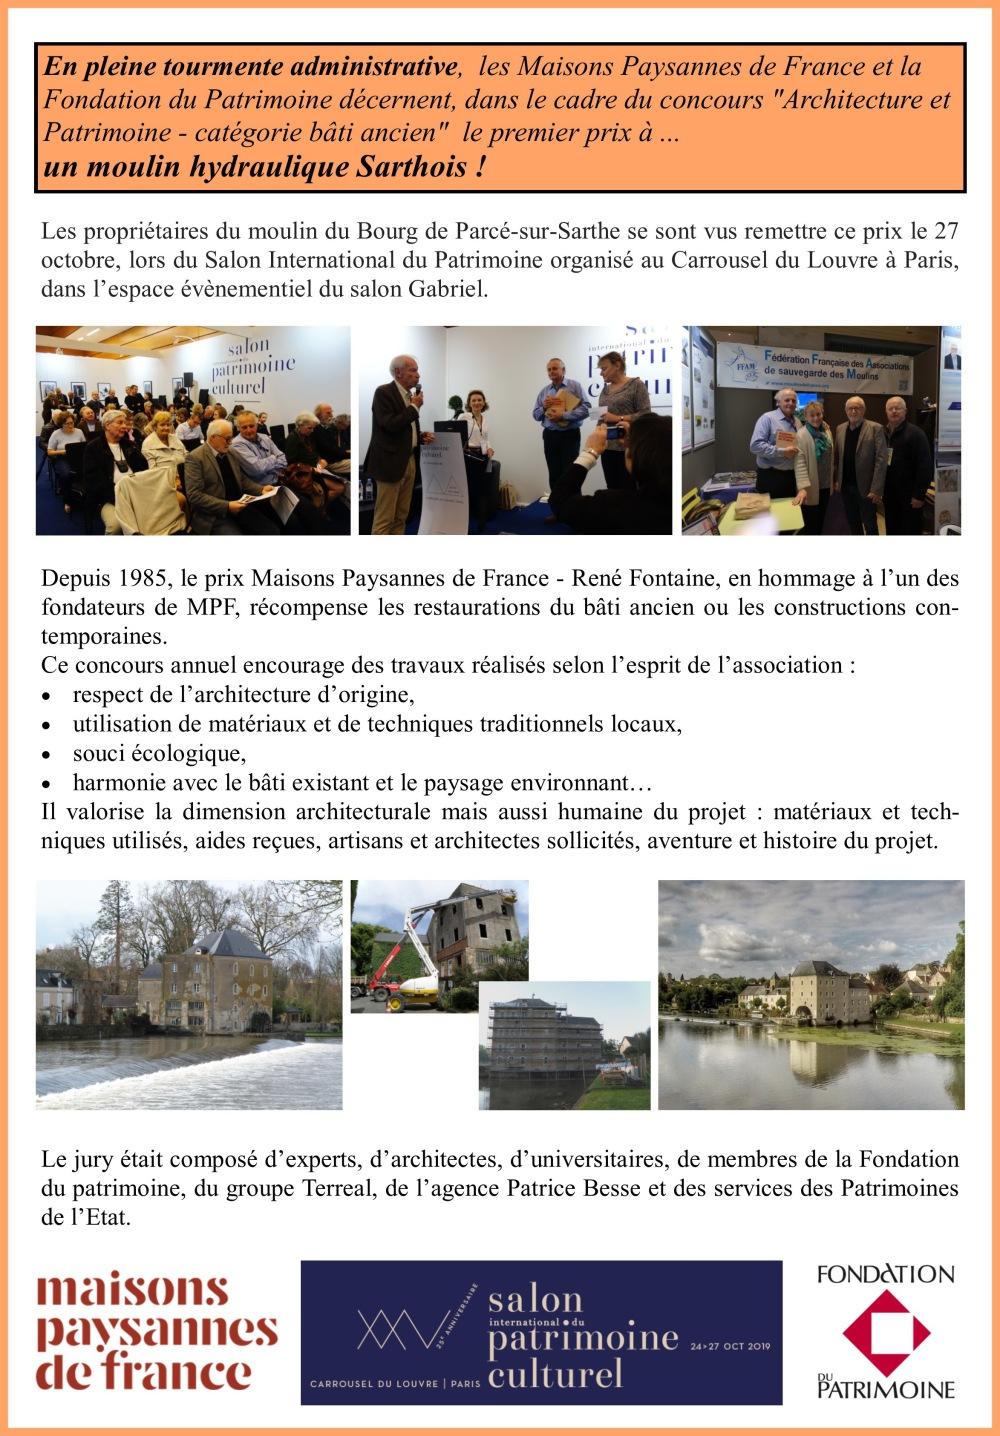 Prix MPF moulin de Parcé